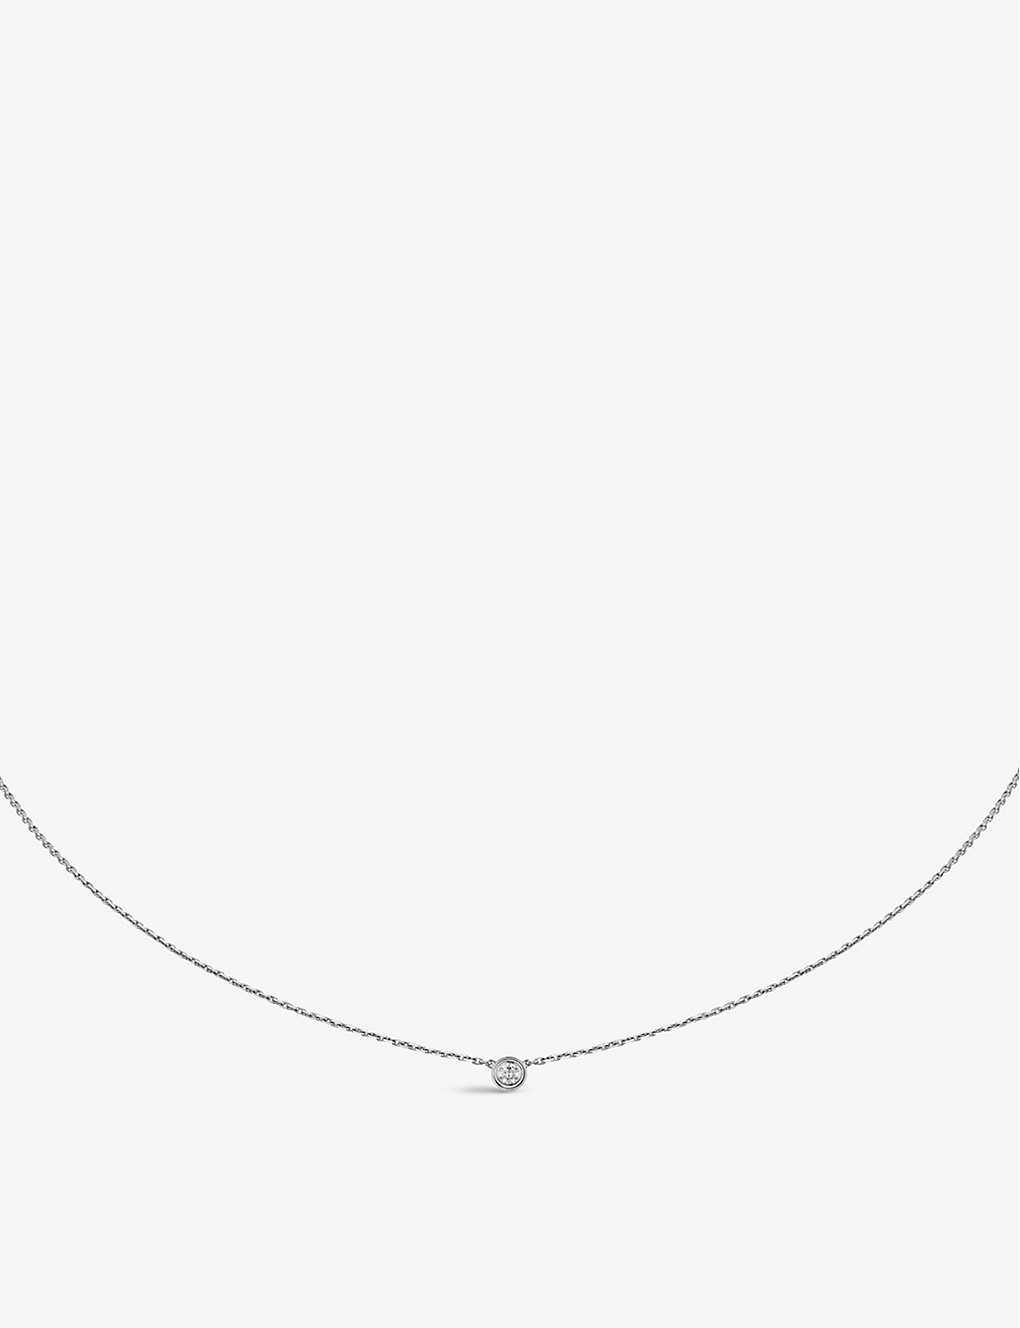 88f17f8a7820a CARTIER Diamants Légers de Cartier 18ct white-gold and diamond necklace